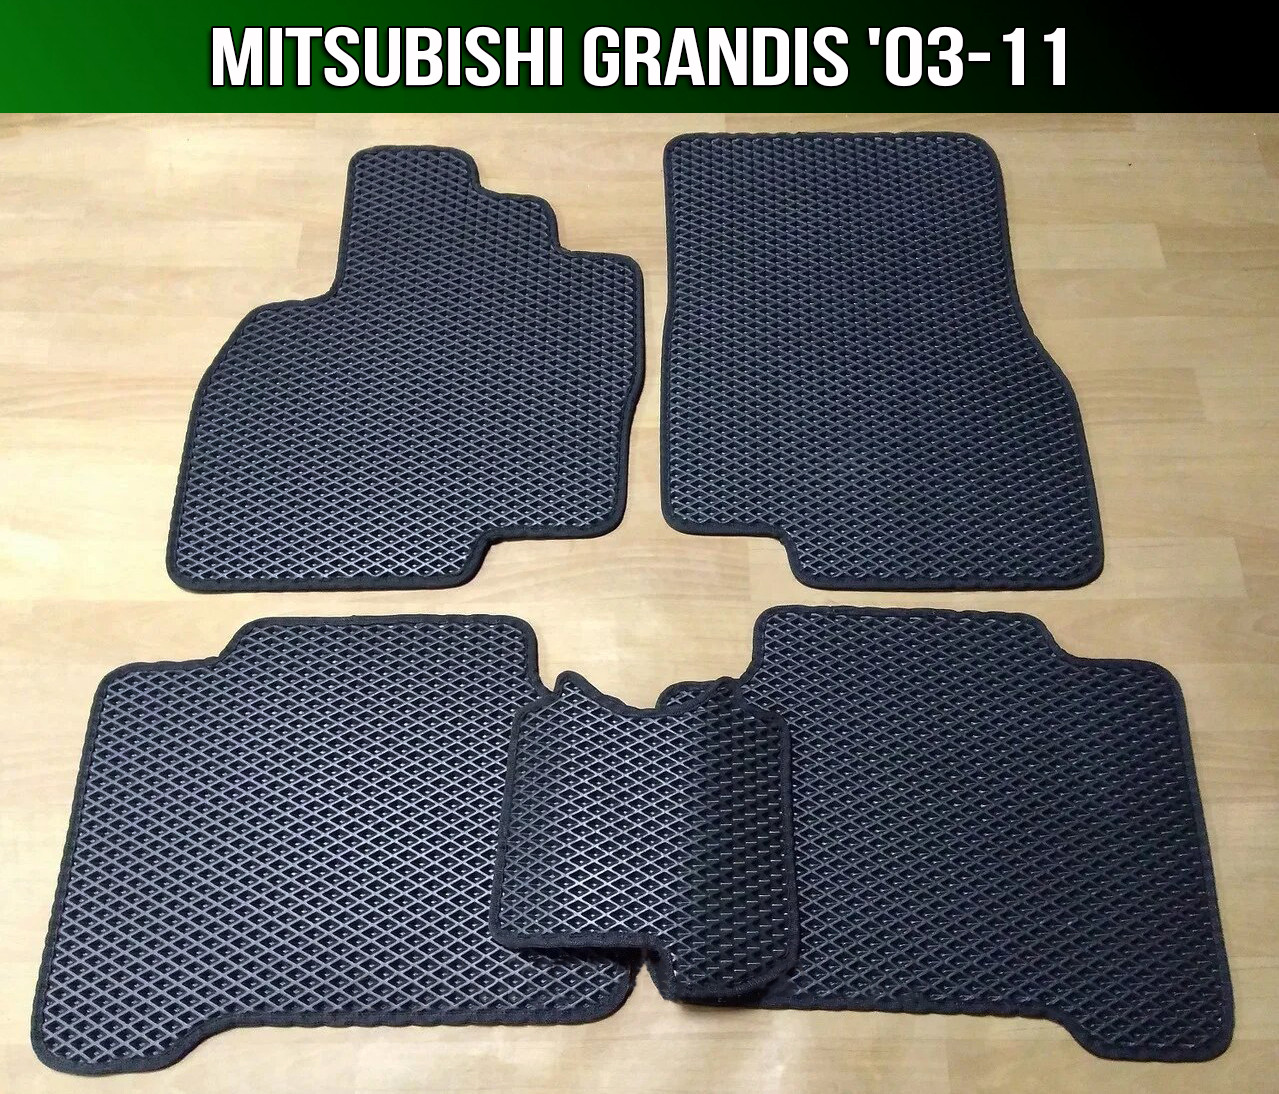 ЕВА коврики на Mitsubishi Grandis '03-11. Ковры EVA Митсубиси Грандис Мицубиси